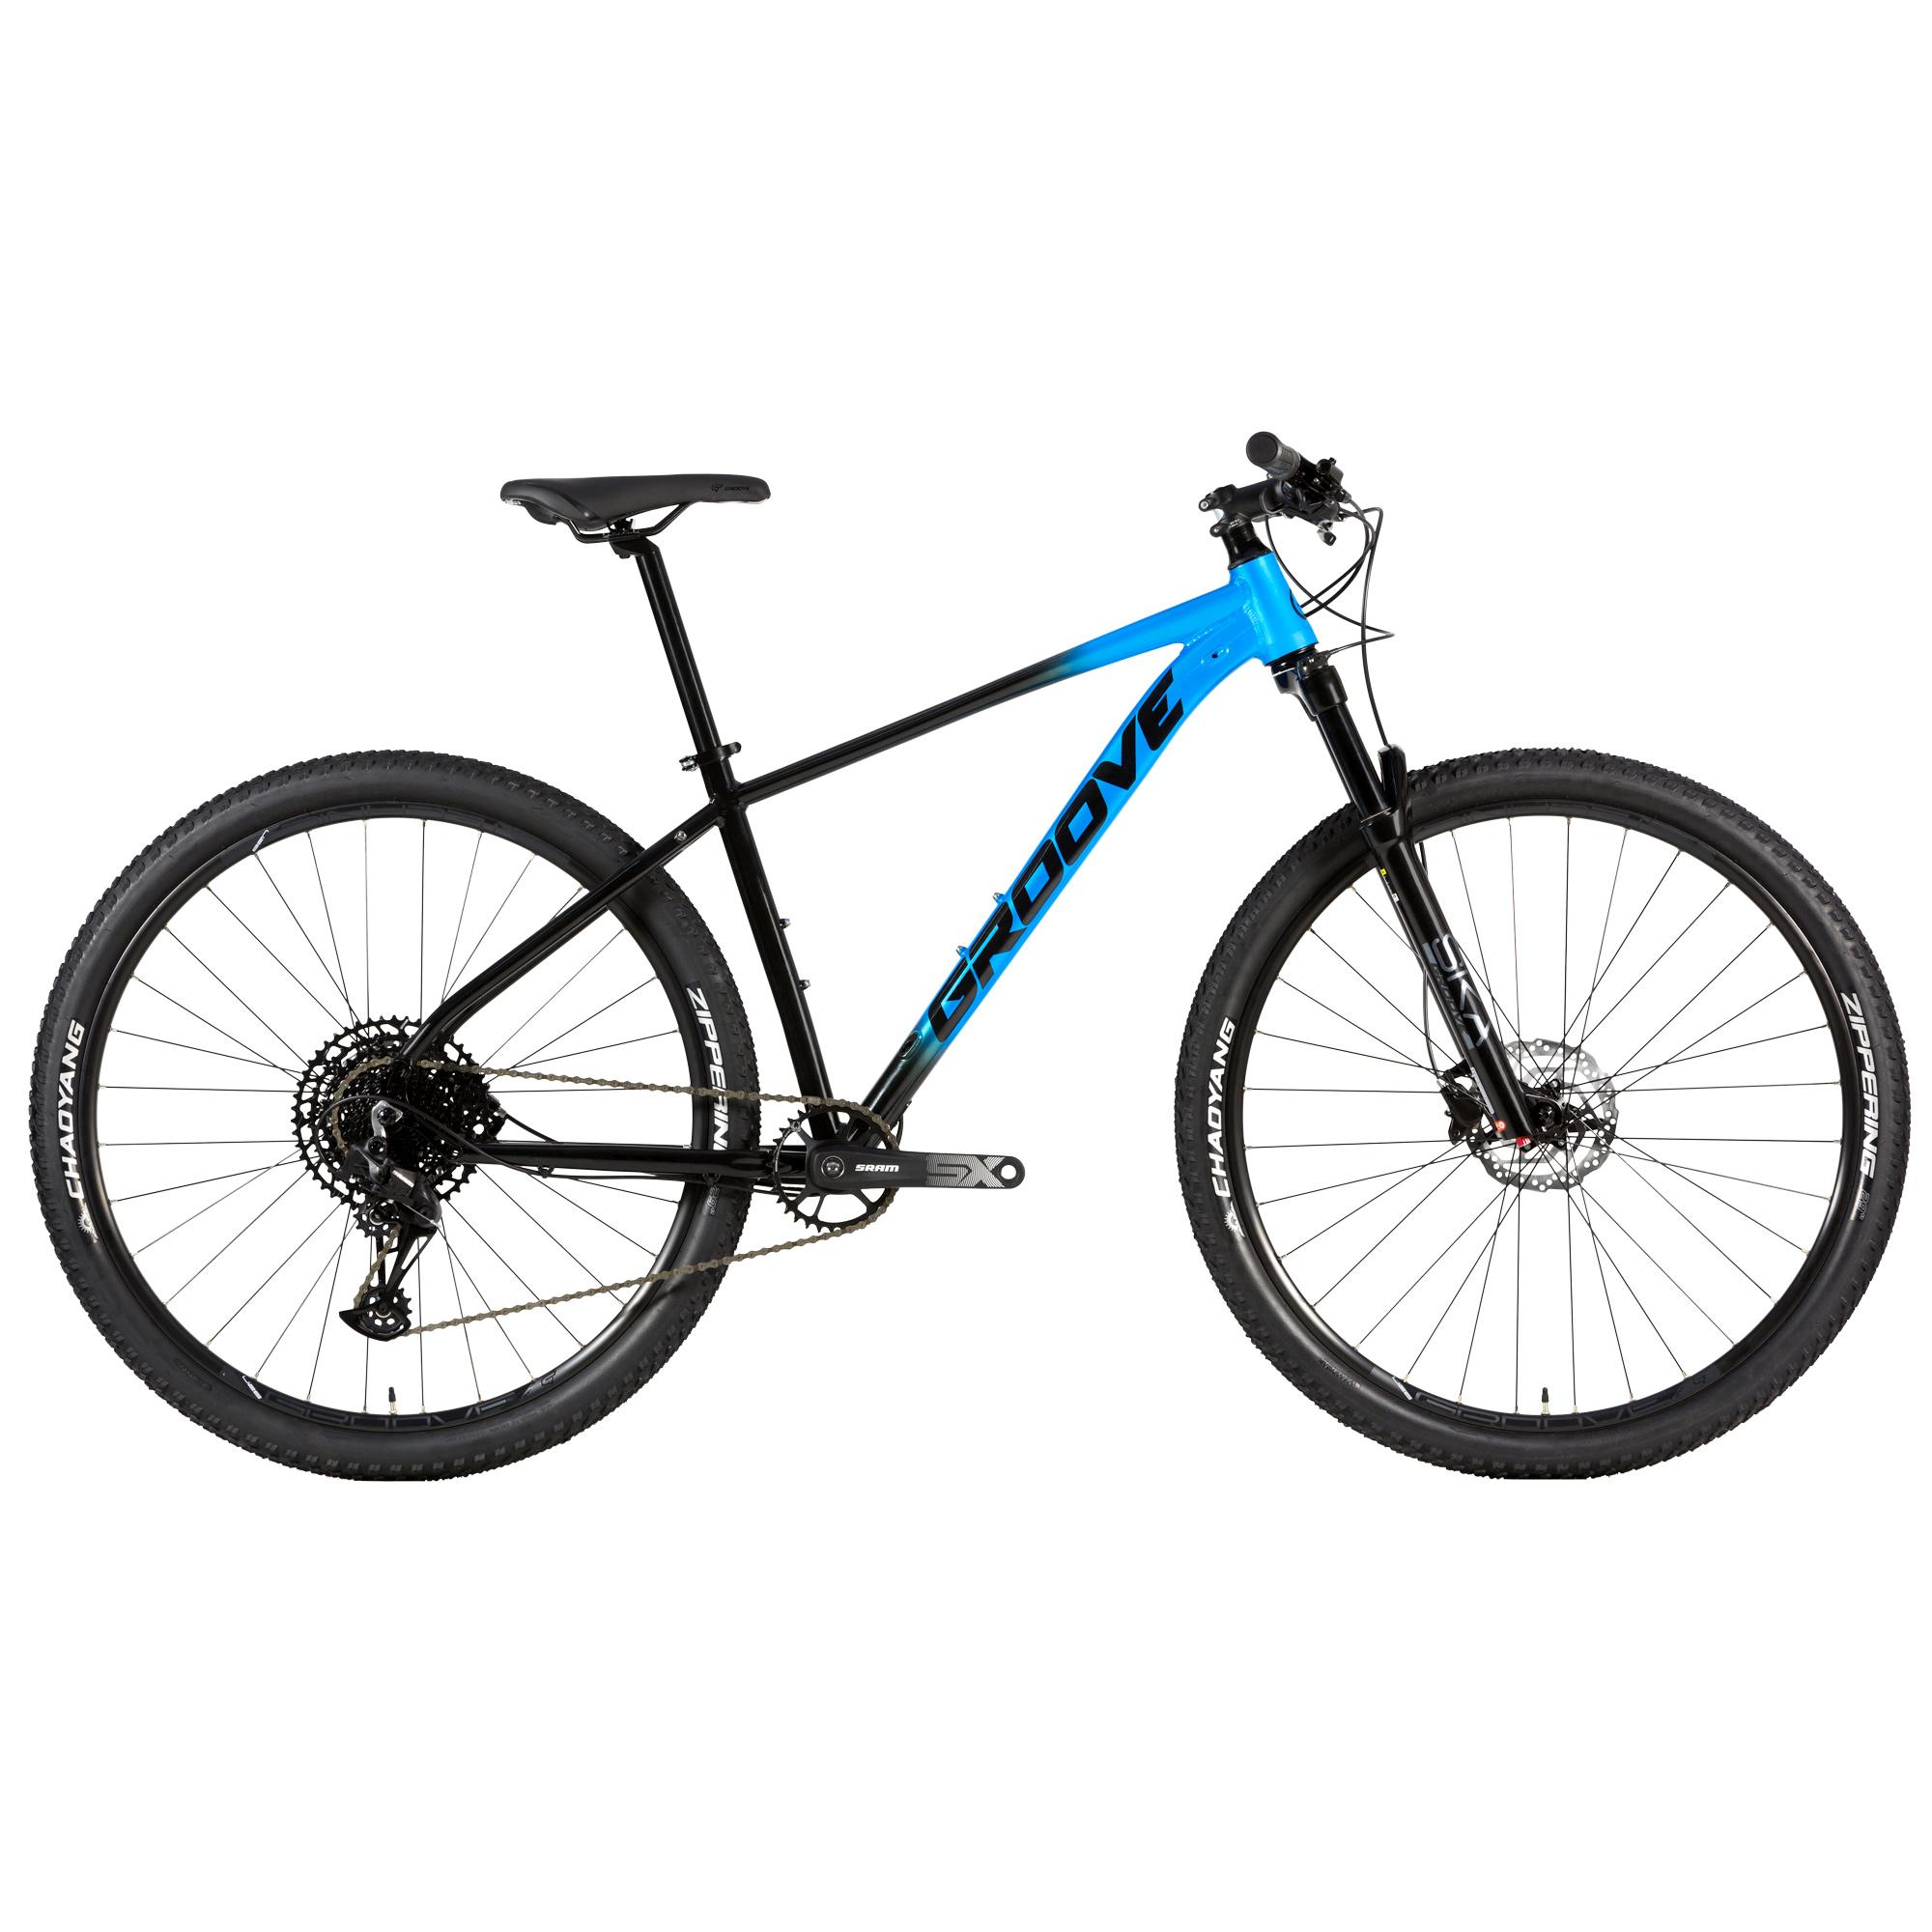 Bicicleta-Groove-Ska-70-1-ed-especial-01